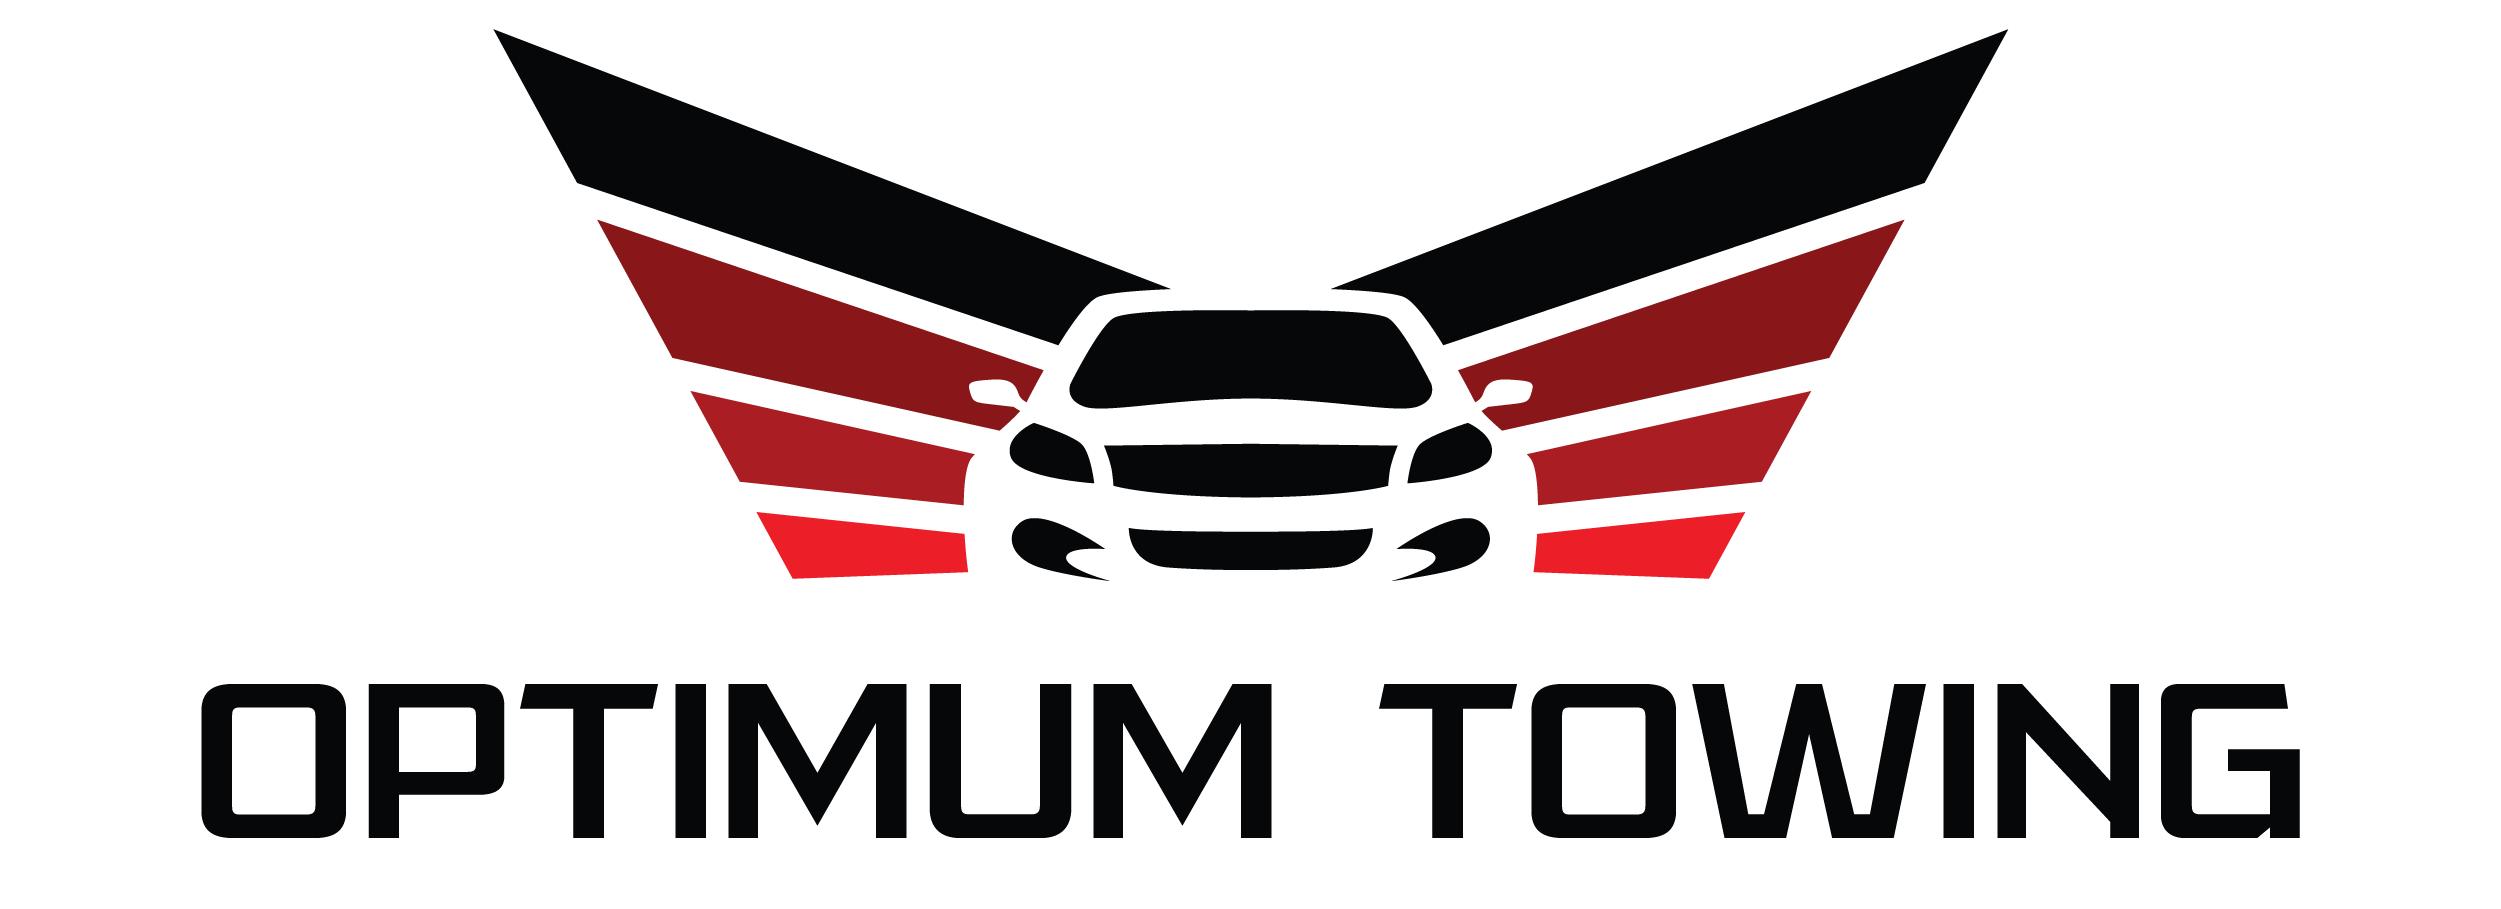 Optimum Towing logo